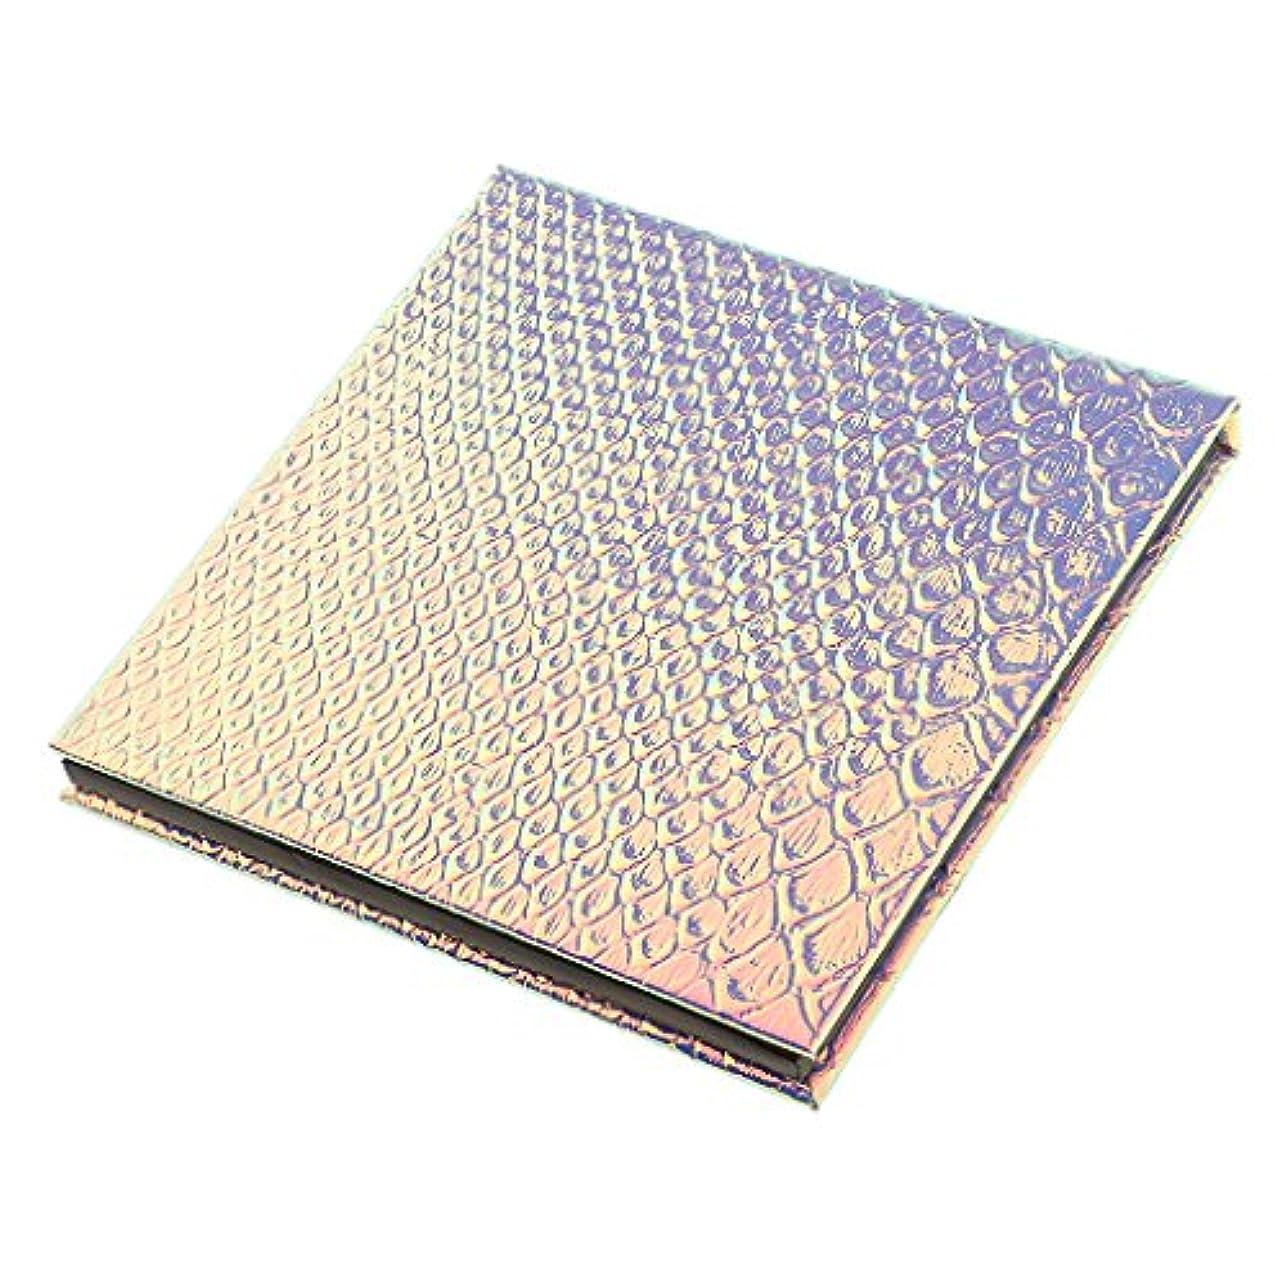 反響する甘味アジアBaosity 磁気パレットボックス 空の磁気パレット メイクアップ 化粧 コスメ 収納 ボックス 全2サイズ選べ - 10x10cm